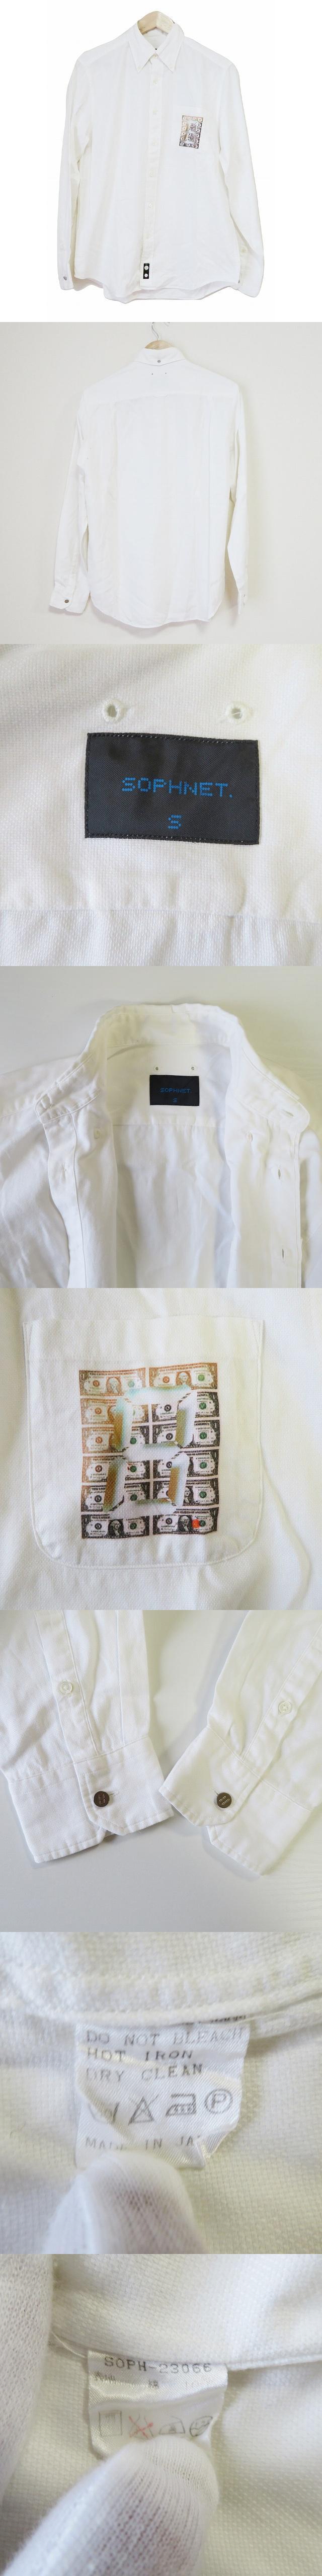 ボタンダウンシャツ S 白 ホワイト 綿100% コットン プリントポケット デジタル数字 日本製 ボタン開閉 トップス カジュアル